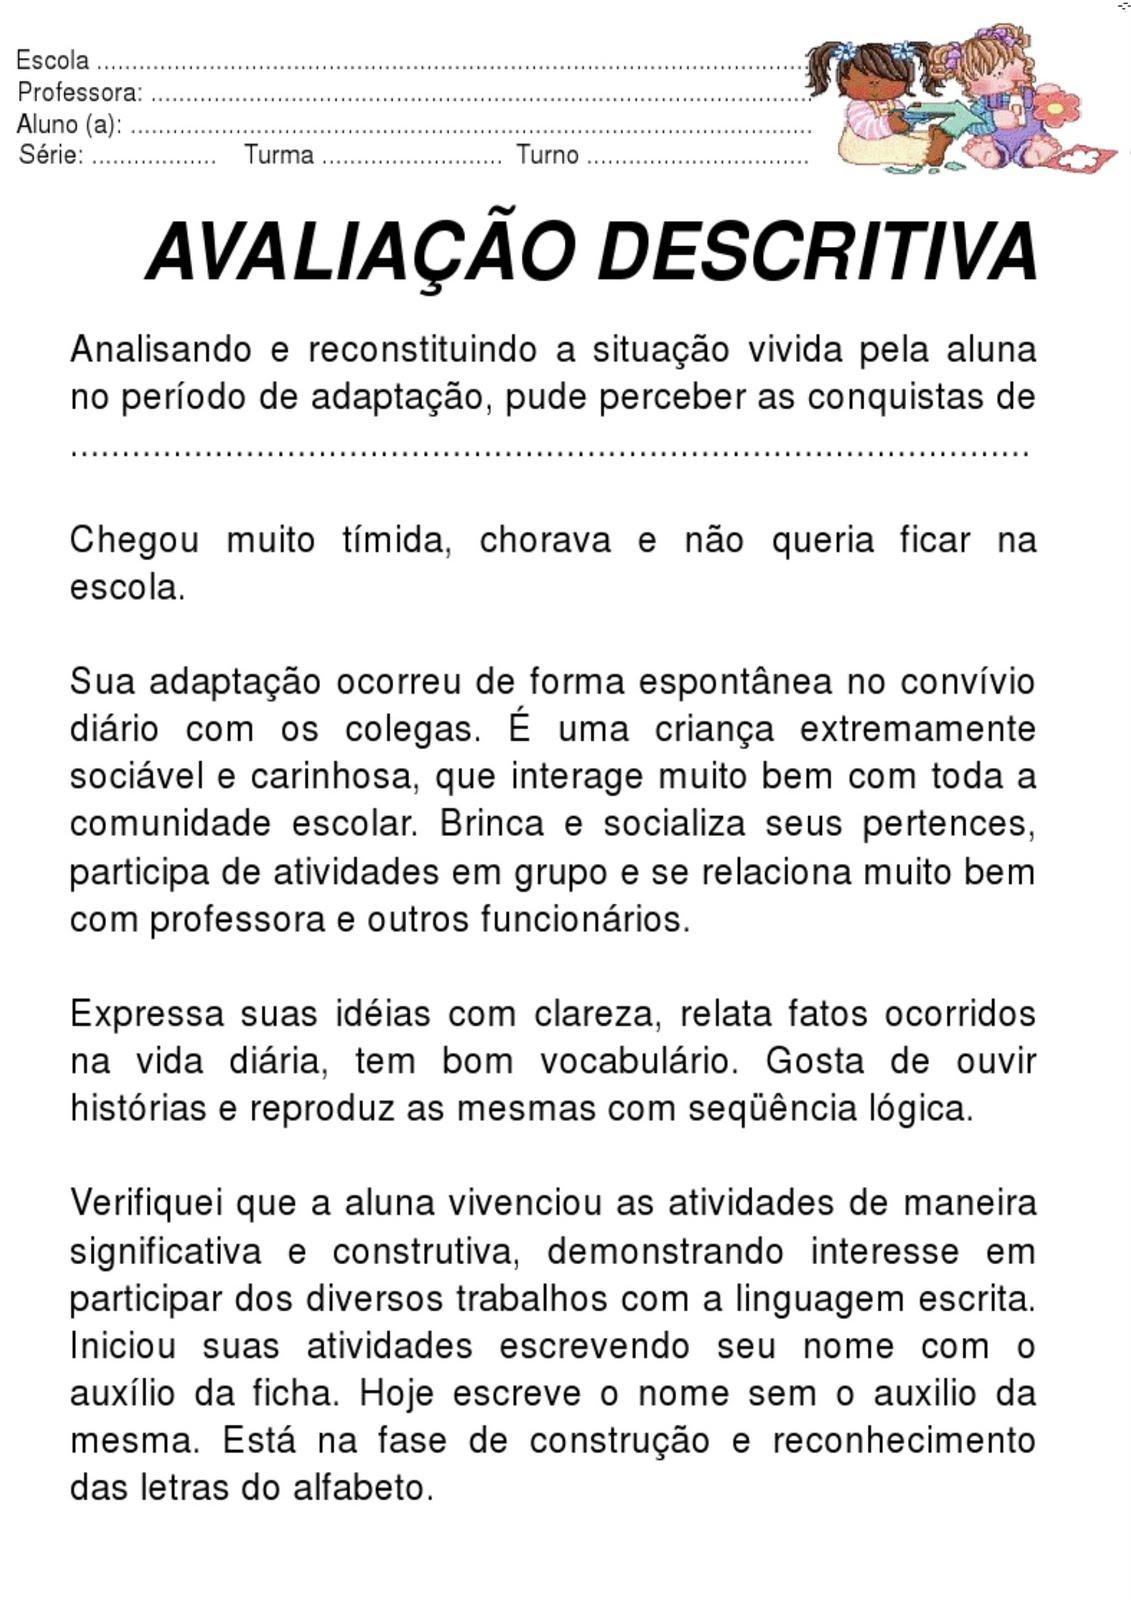 Well-known Meus Trabalhos Pedagógicos ®: Avaliação Descritiva - Modelo EJ65